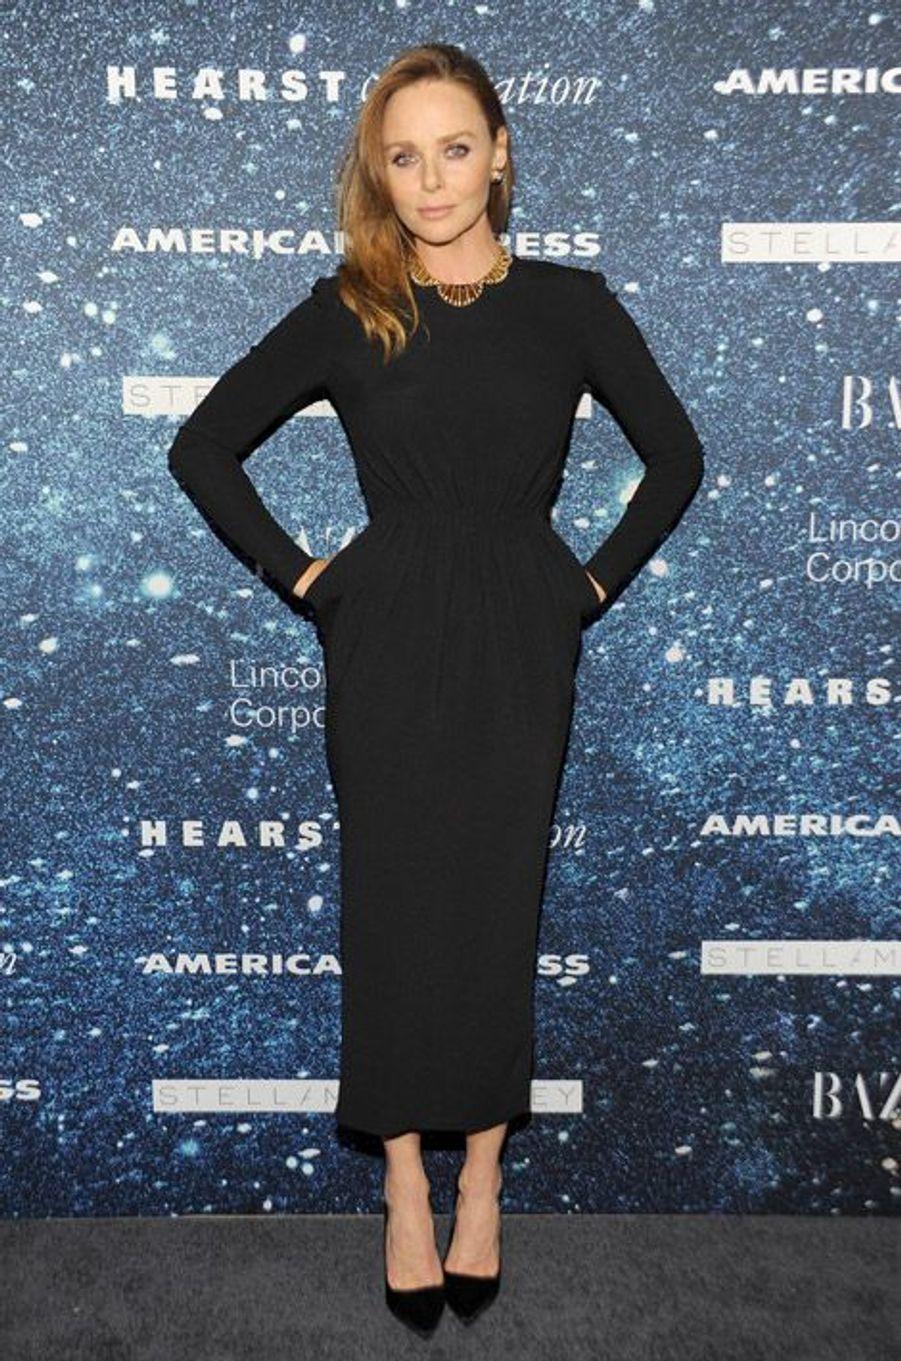 La créatrice Stella McCartney lors d'une soirée en son honneur à New York, le 13 novembre 2014